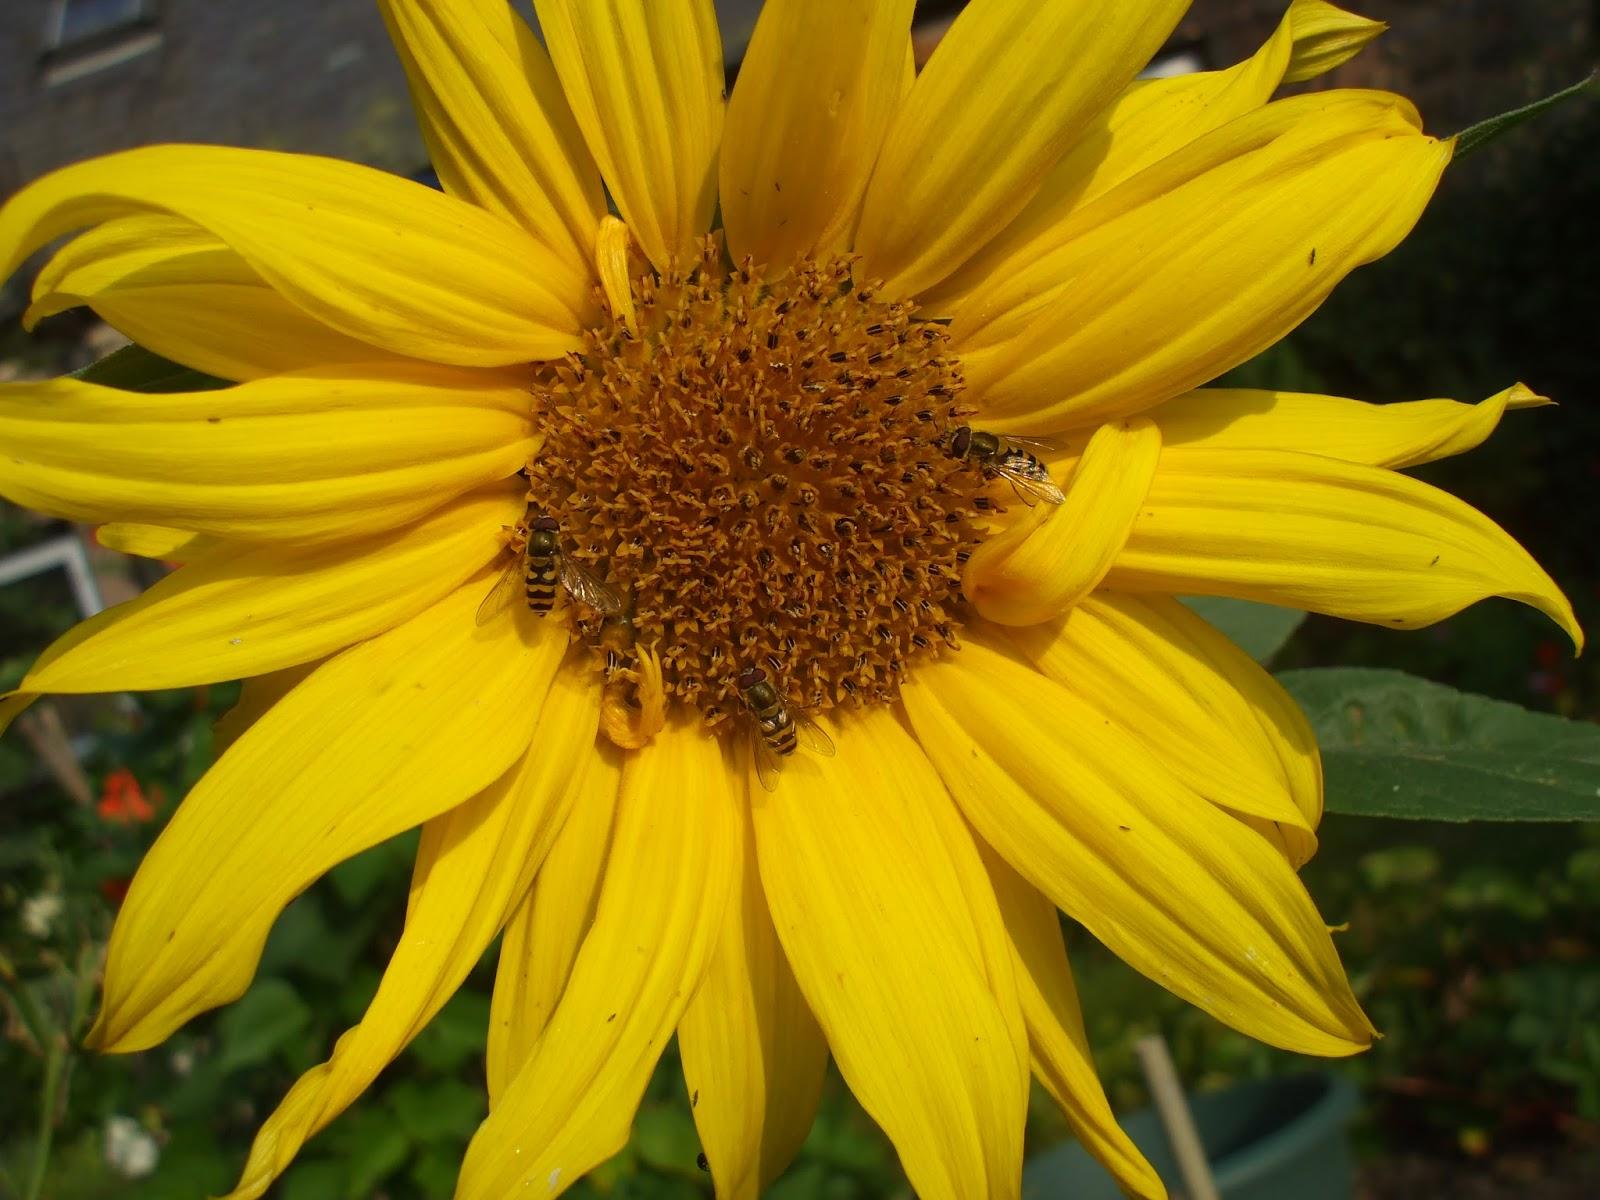 sunflower aug 2013 seapenguin